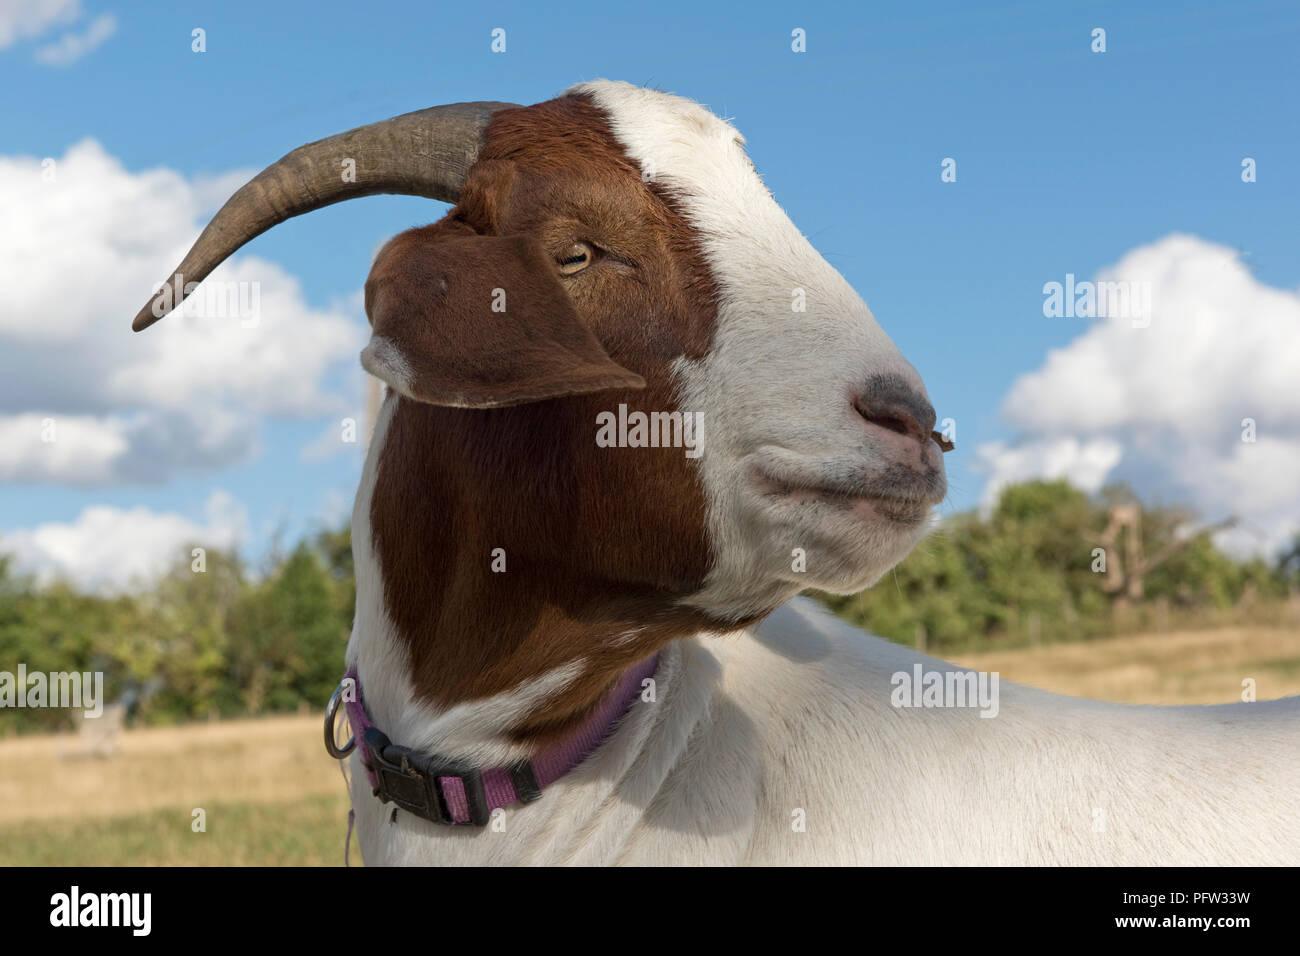 Testa di castrato l 'castrato' Boer goat pet con un collare di viola e buona corna, Berkshire, Agosto Immagini Stock